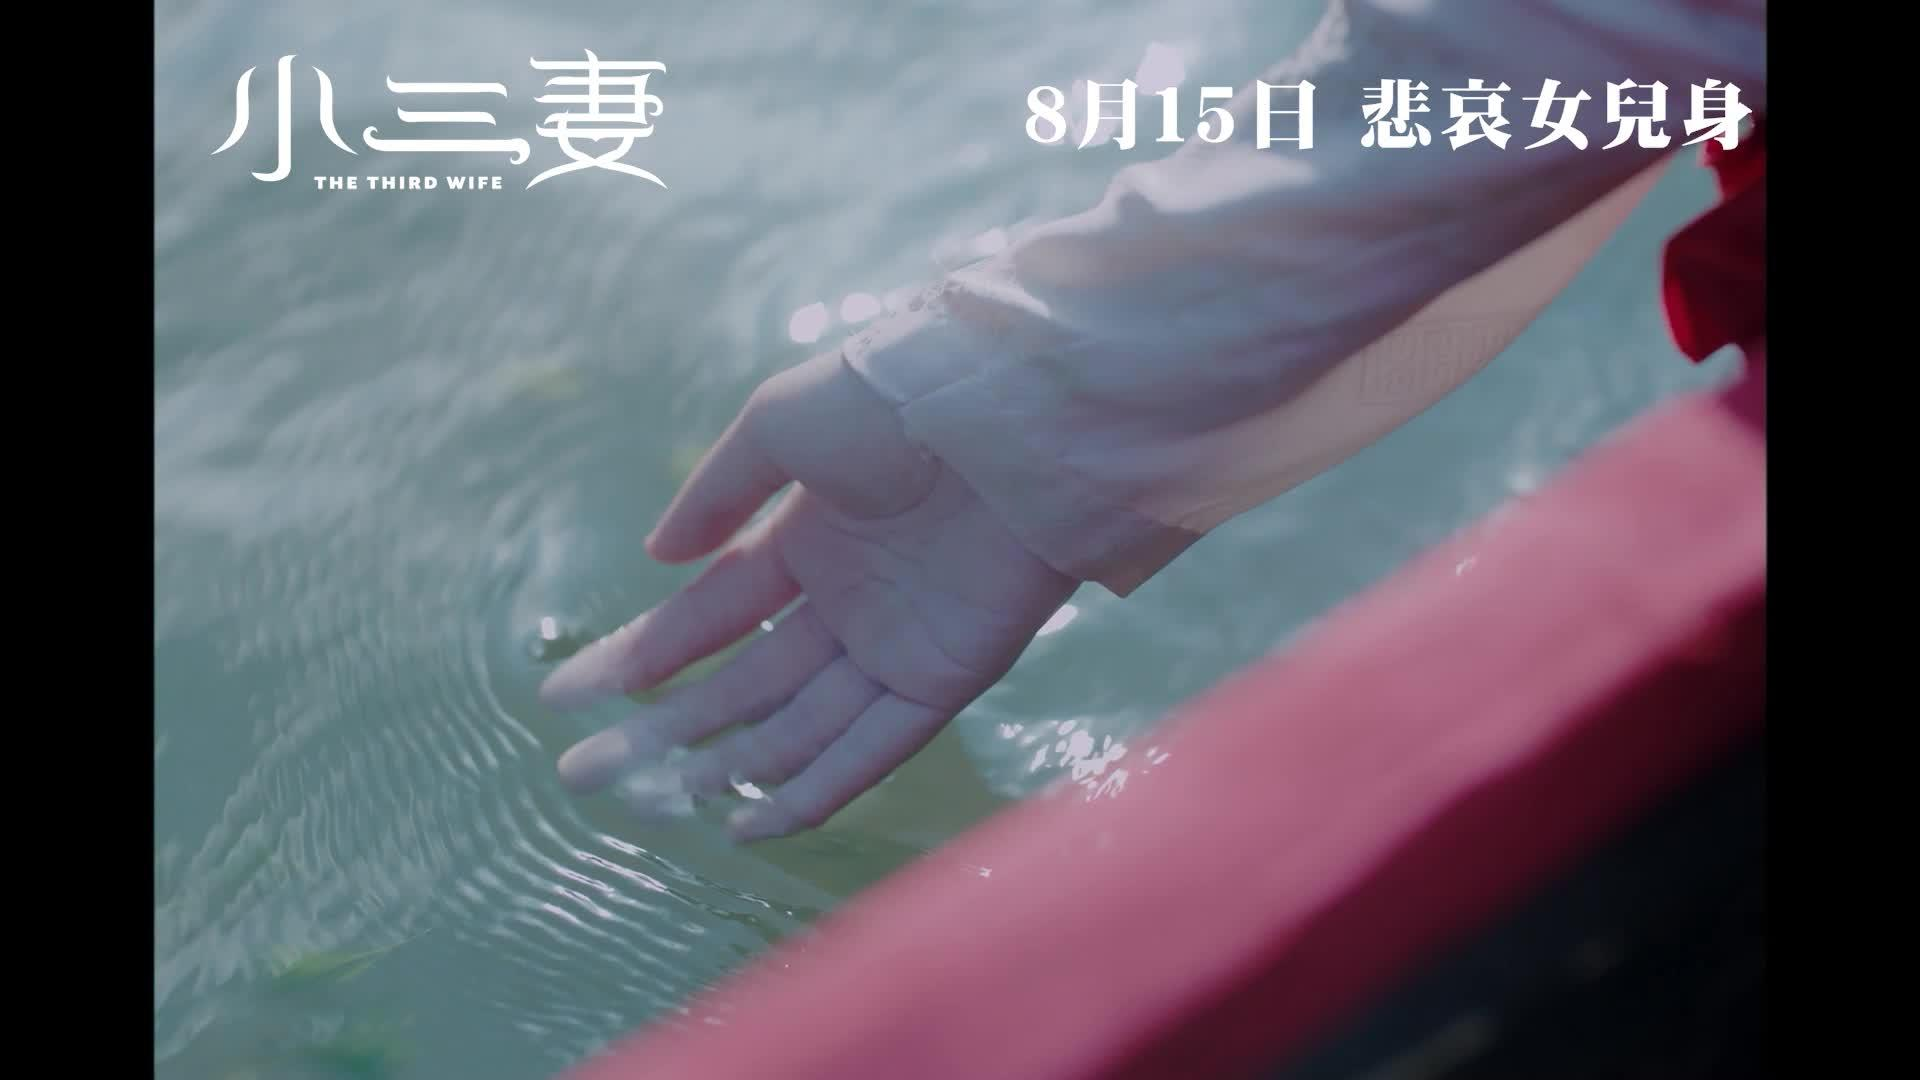 《小三妻》電影預告